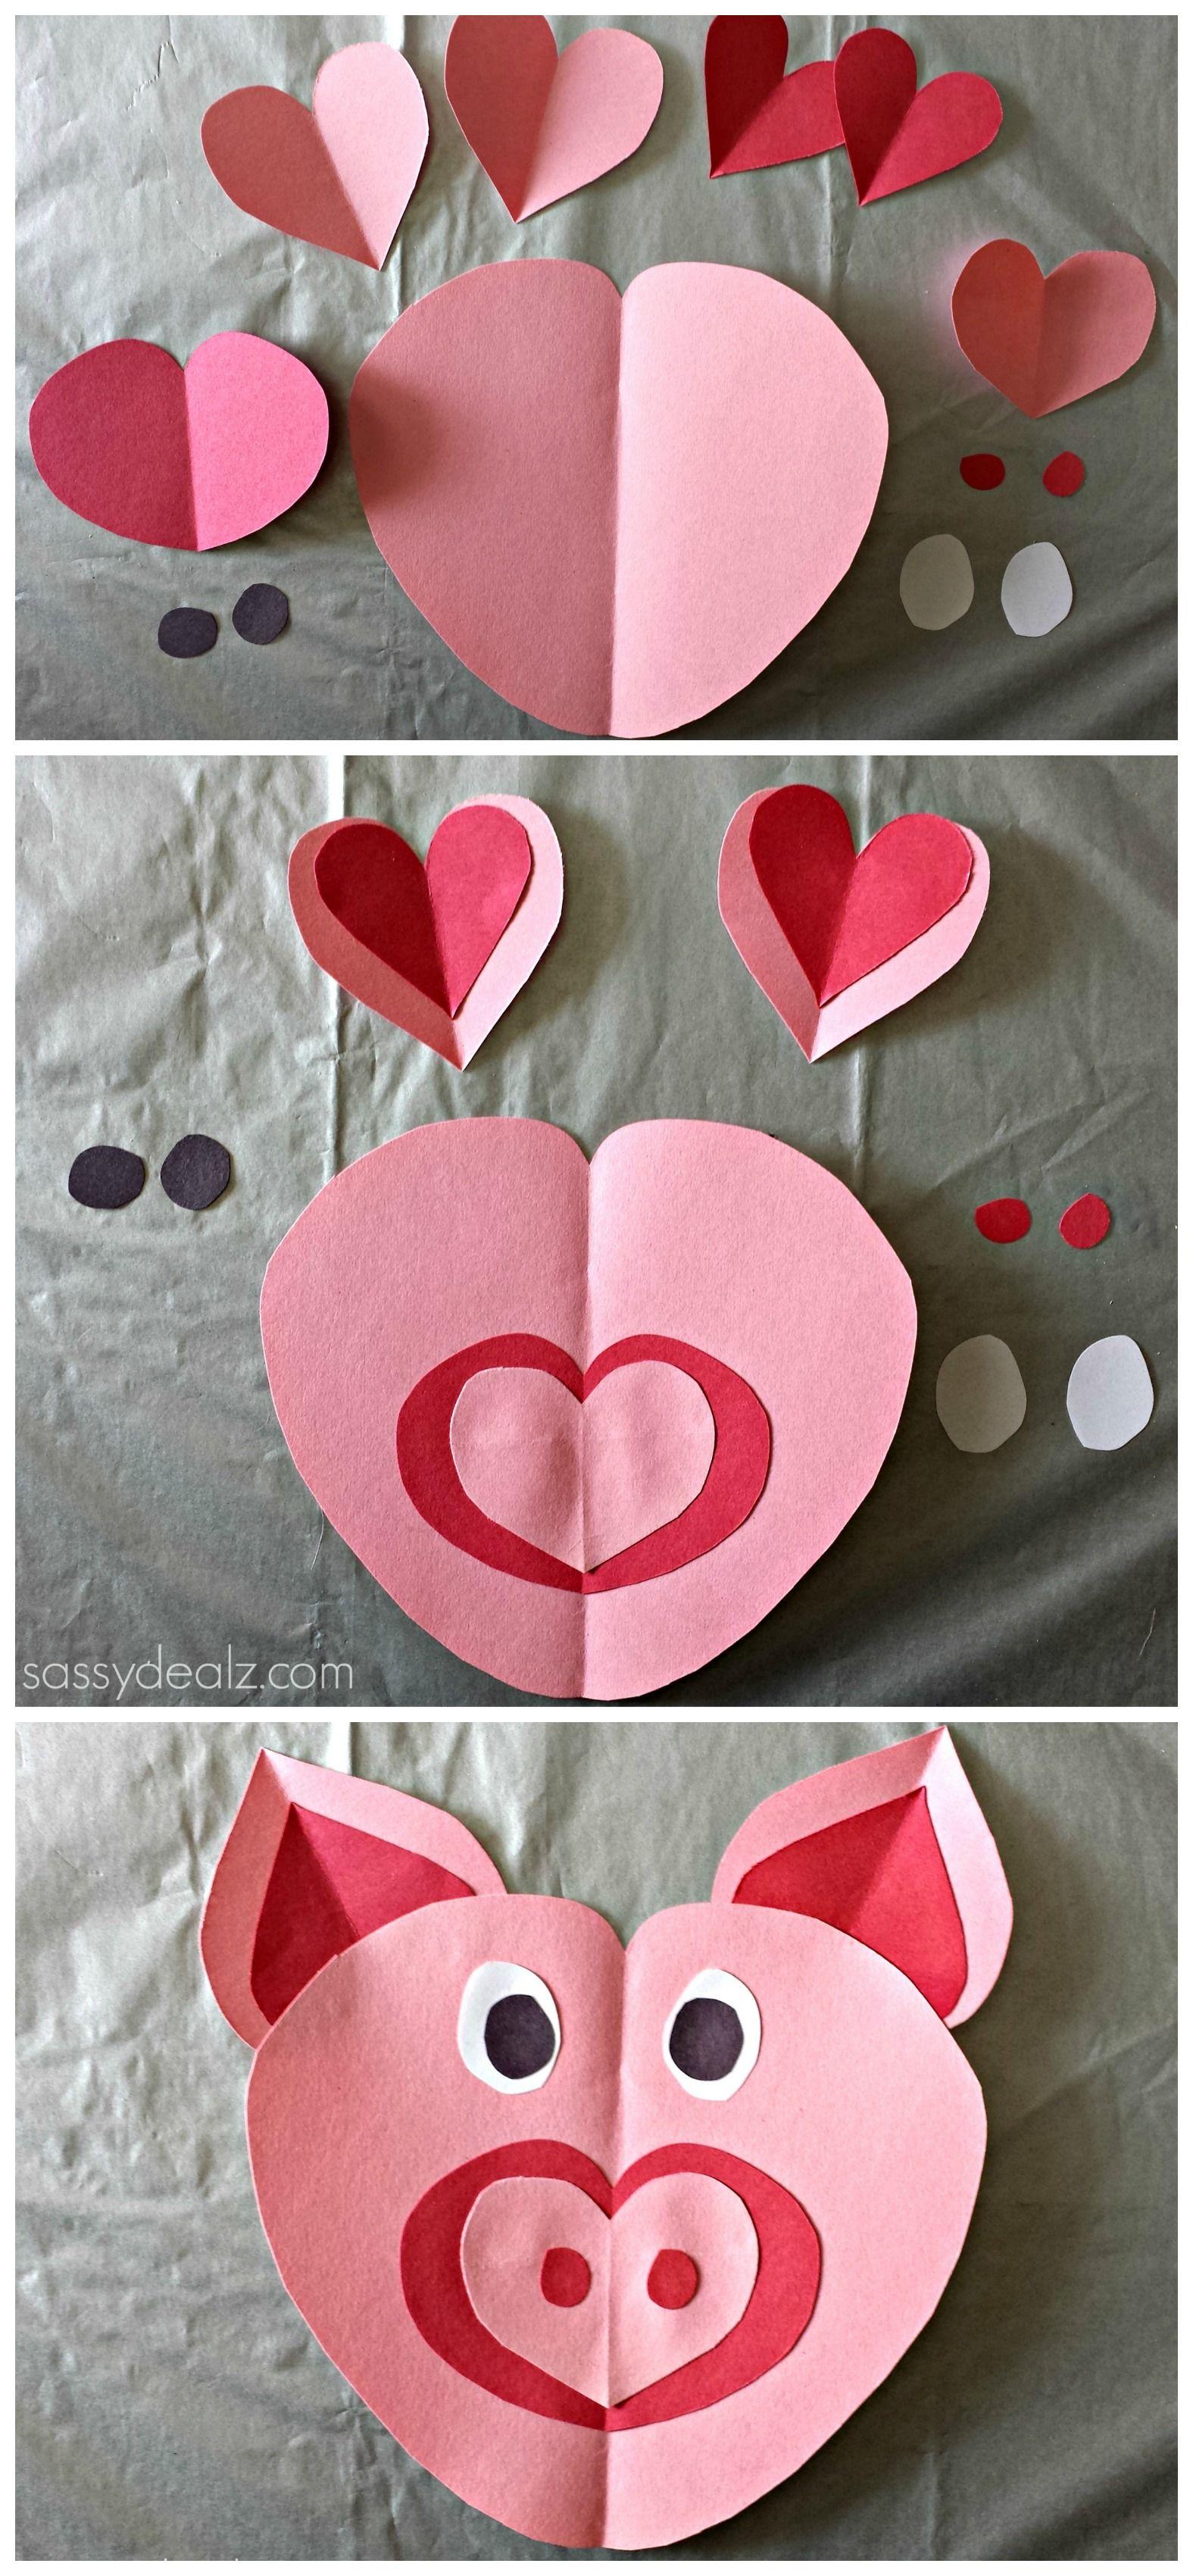 Kindergarten valentine craft ideas - Diy Valentine